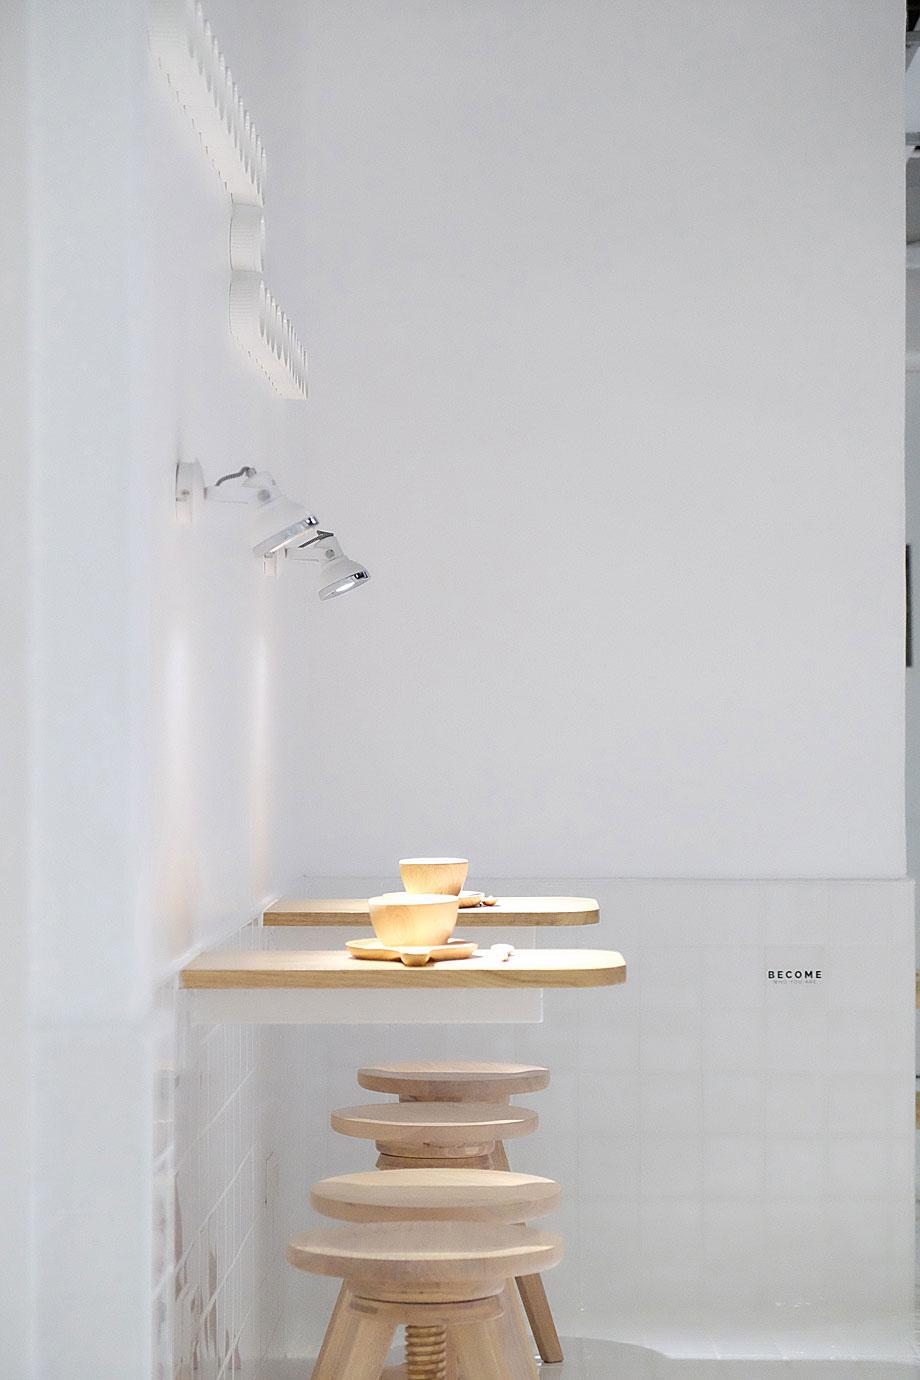 butterfly-milkbar-thaipan-studio-5